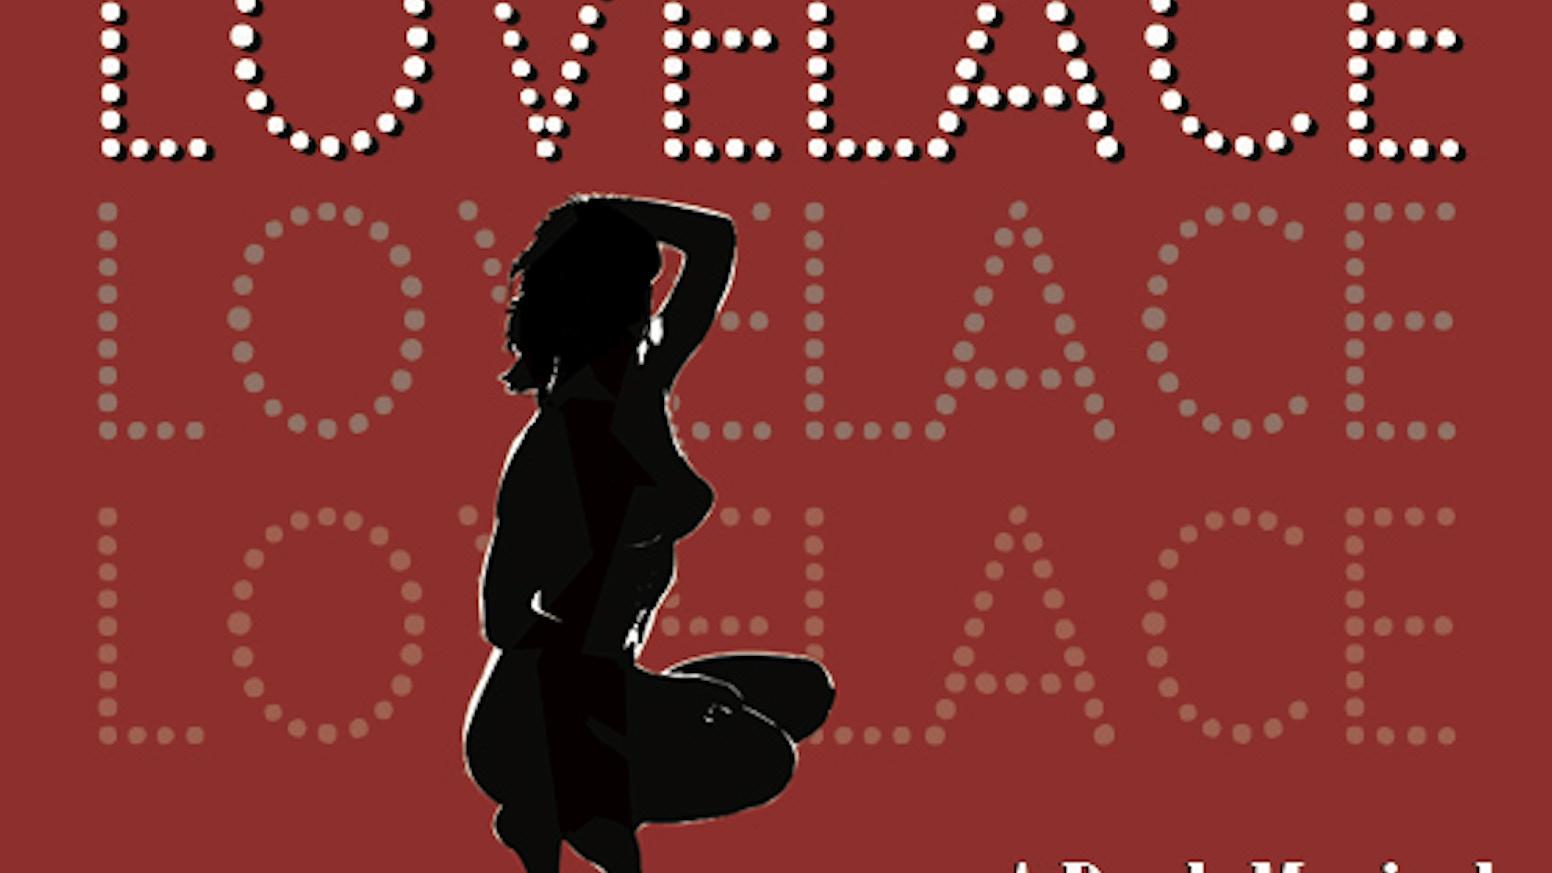 All Linda Lovelace Animal Porn lovelace a rock musical at the fringe festival in edinburgh